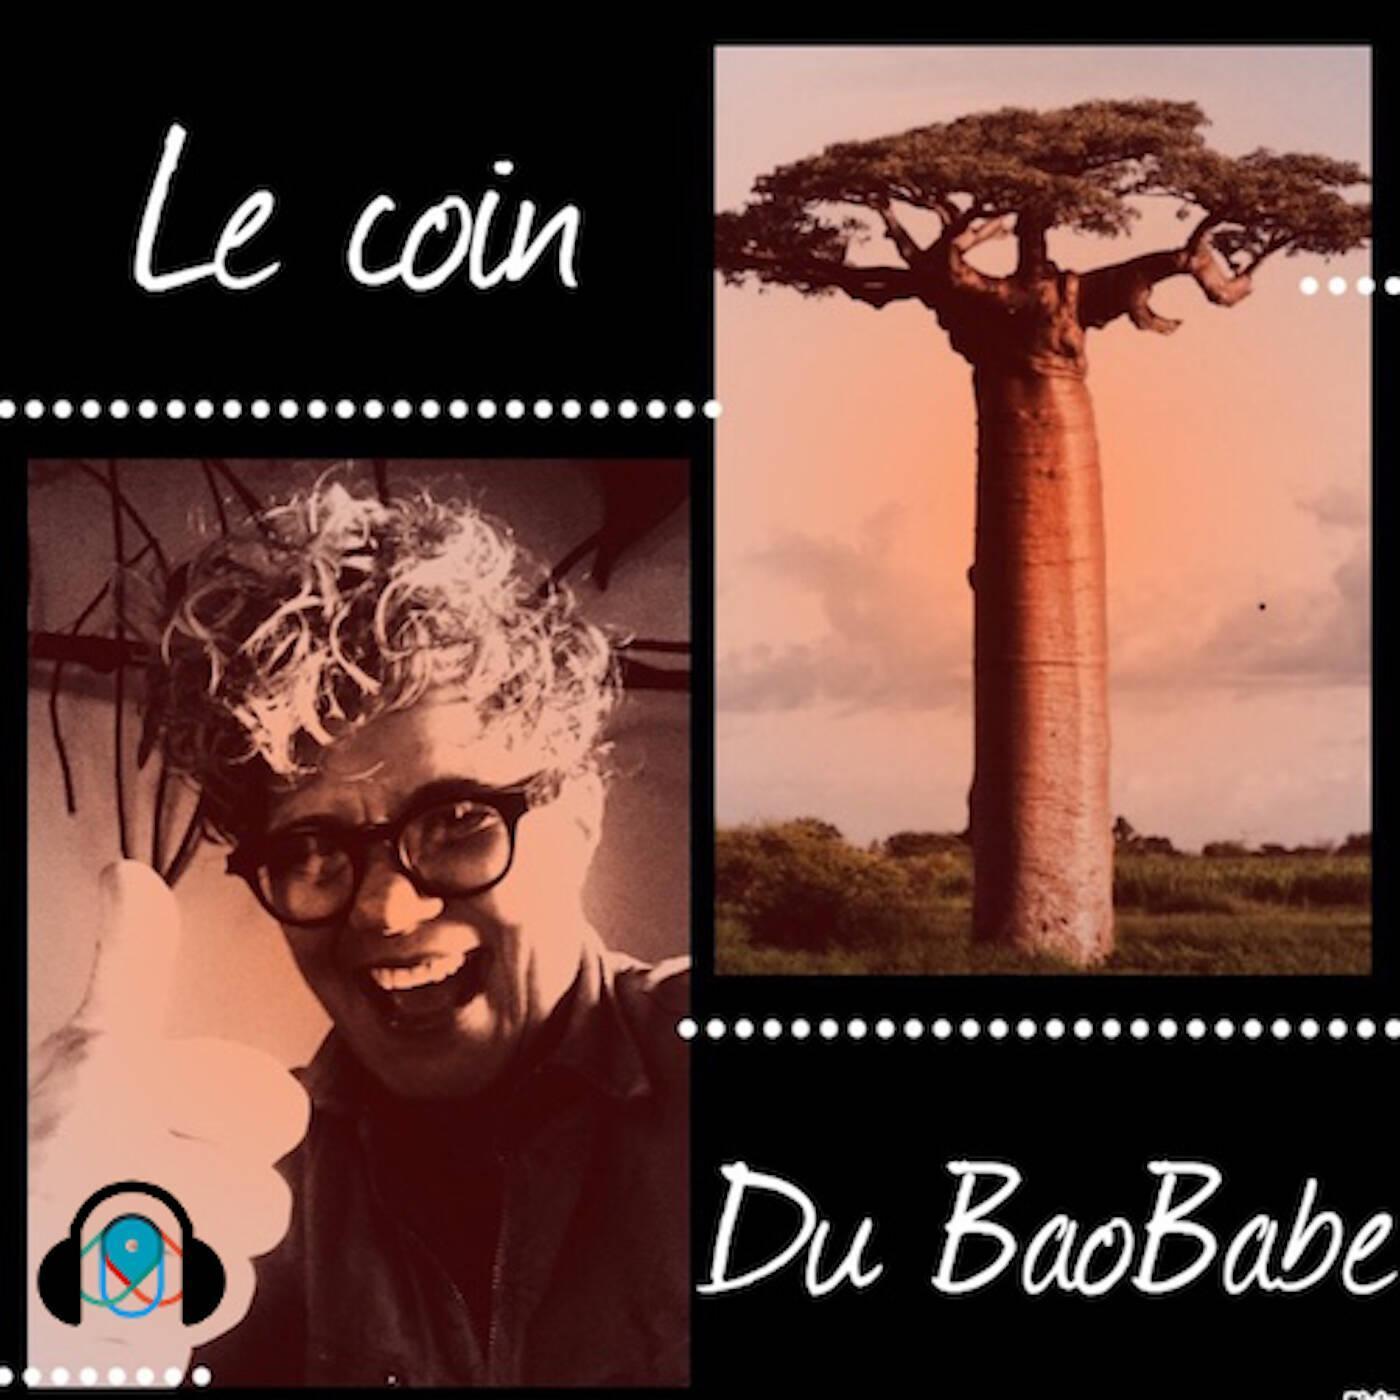 LE COIN DU BAOBABE S1E12